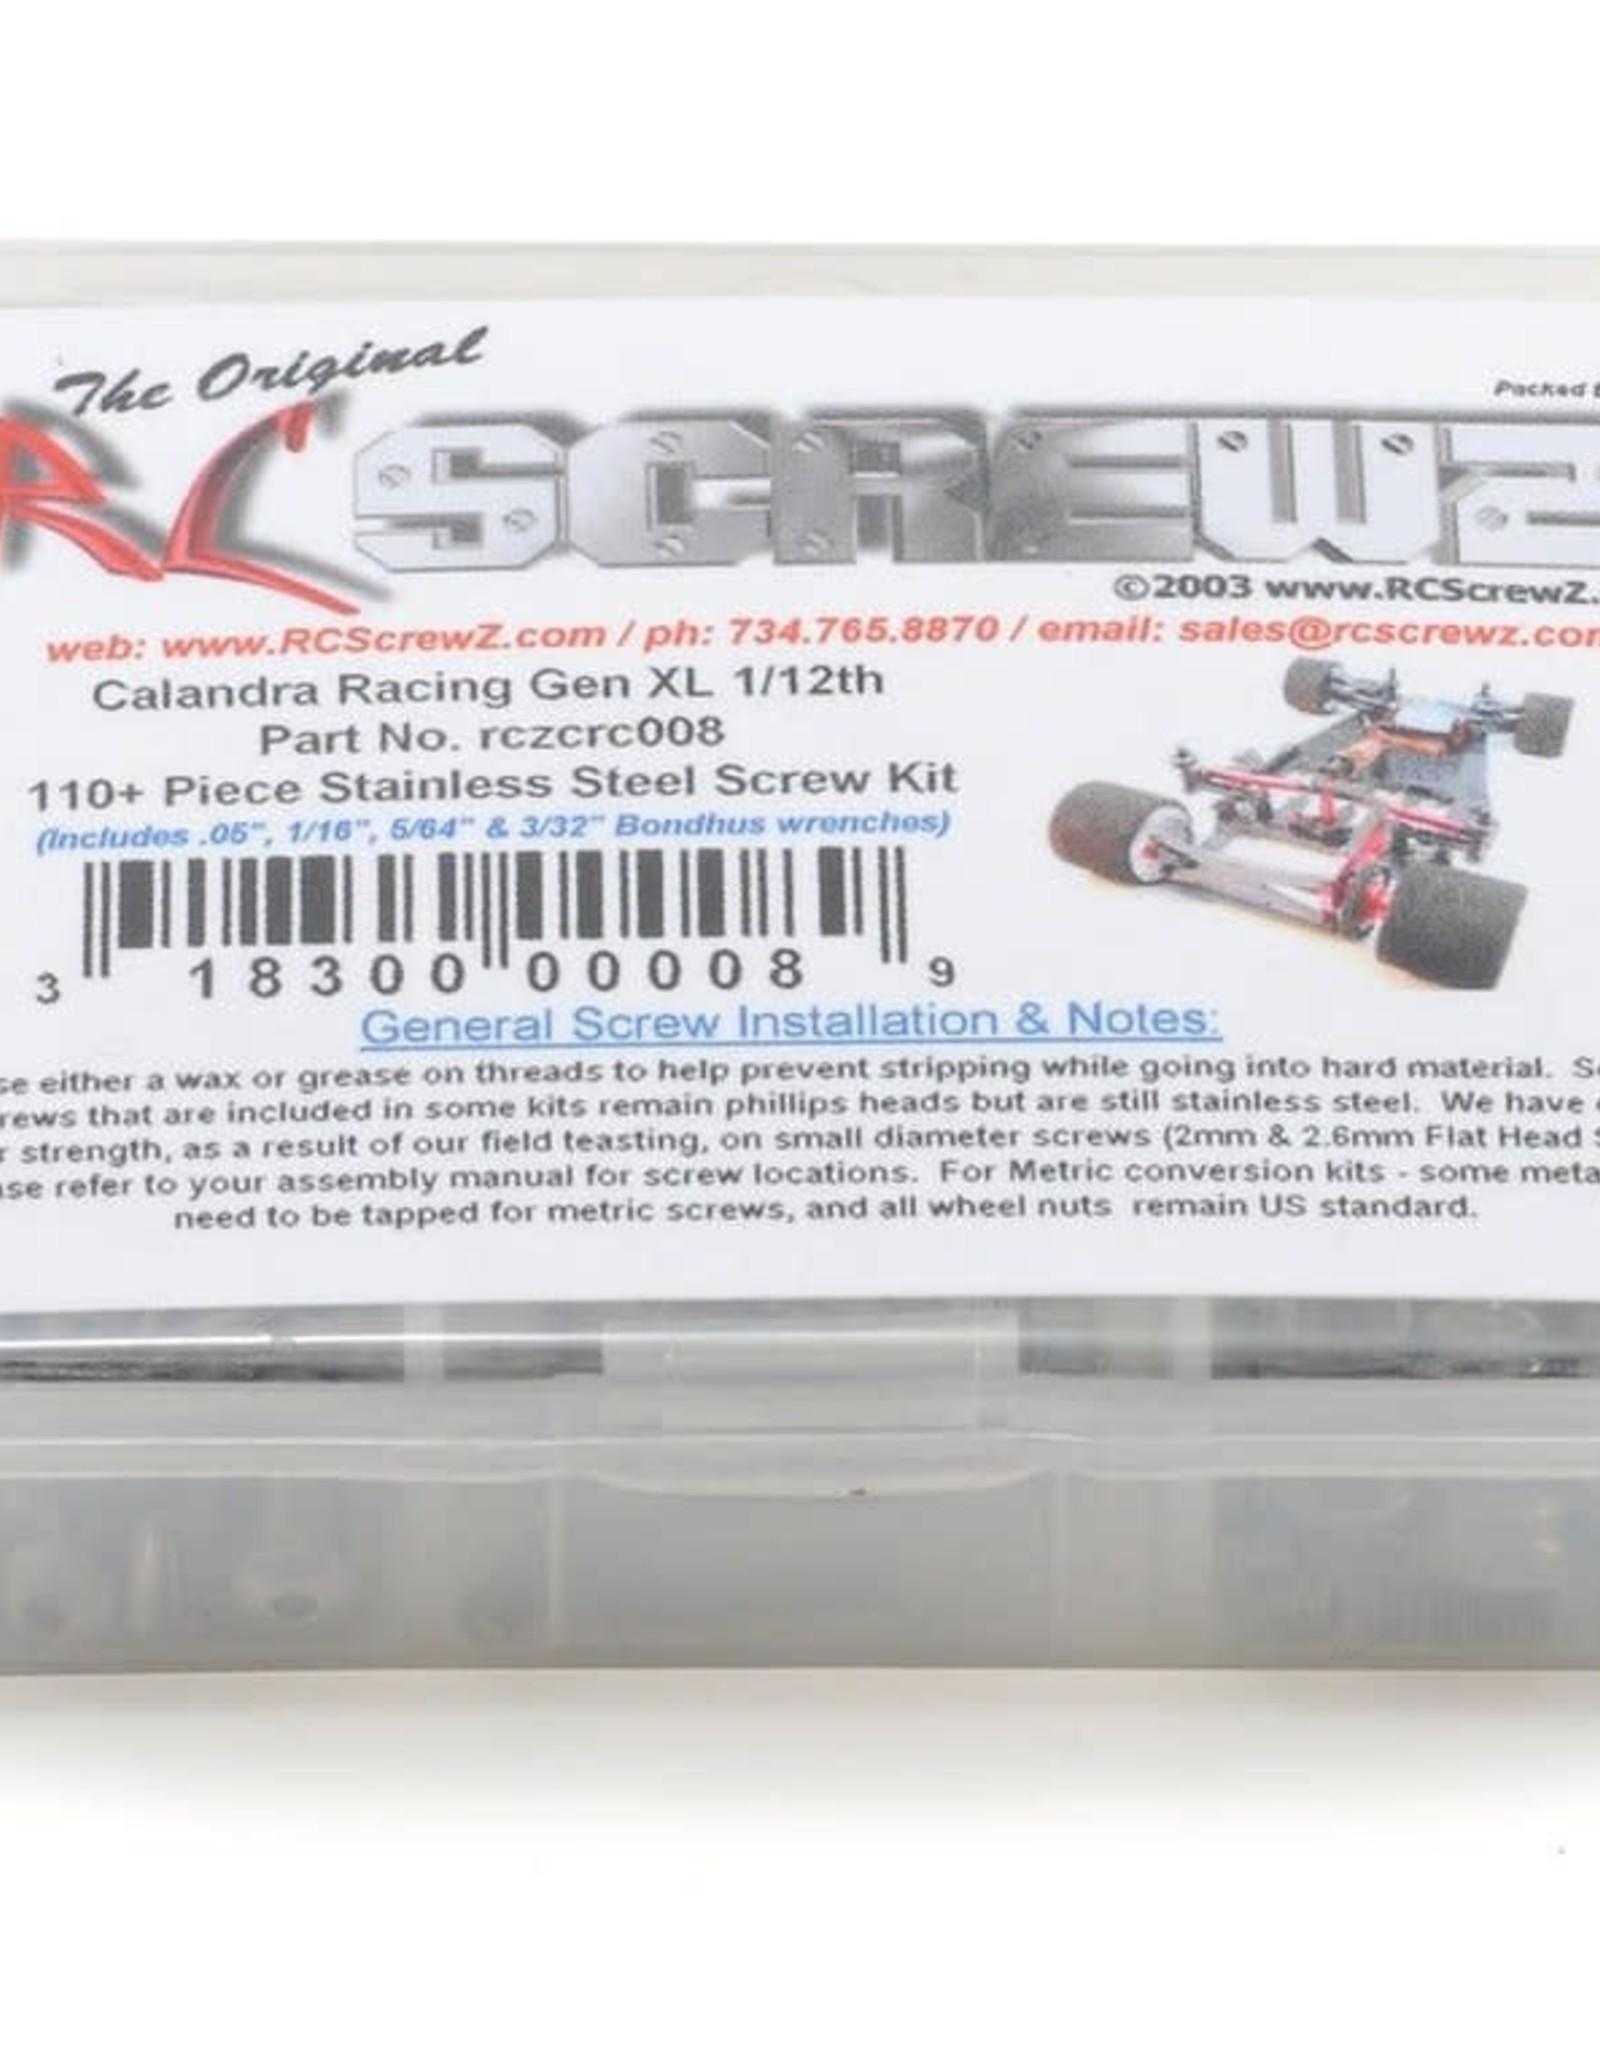 RC Screwz RC Screwz CRC Gen XL Stainless Steel Screw Kit